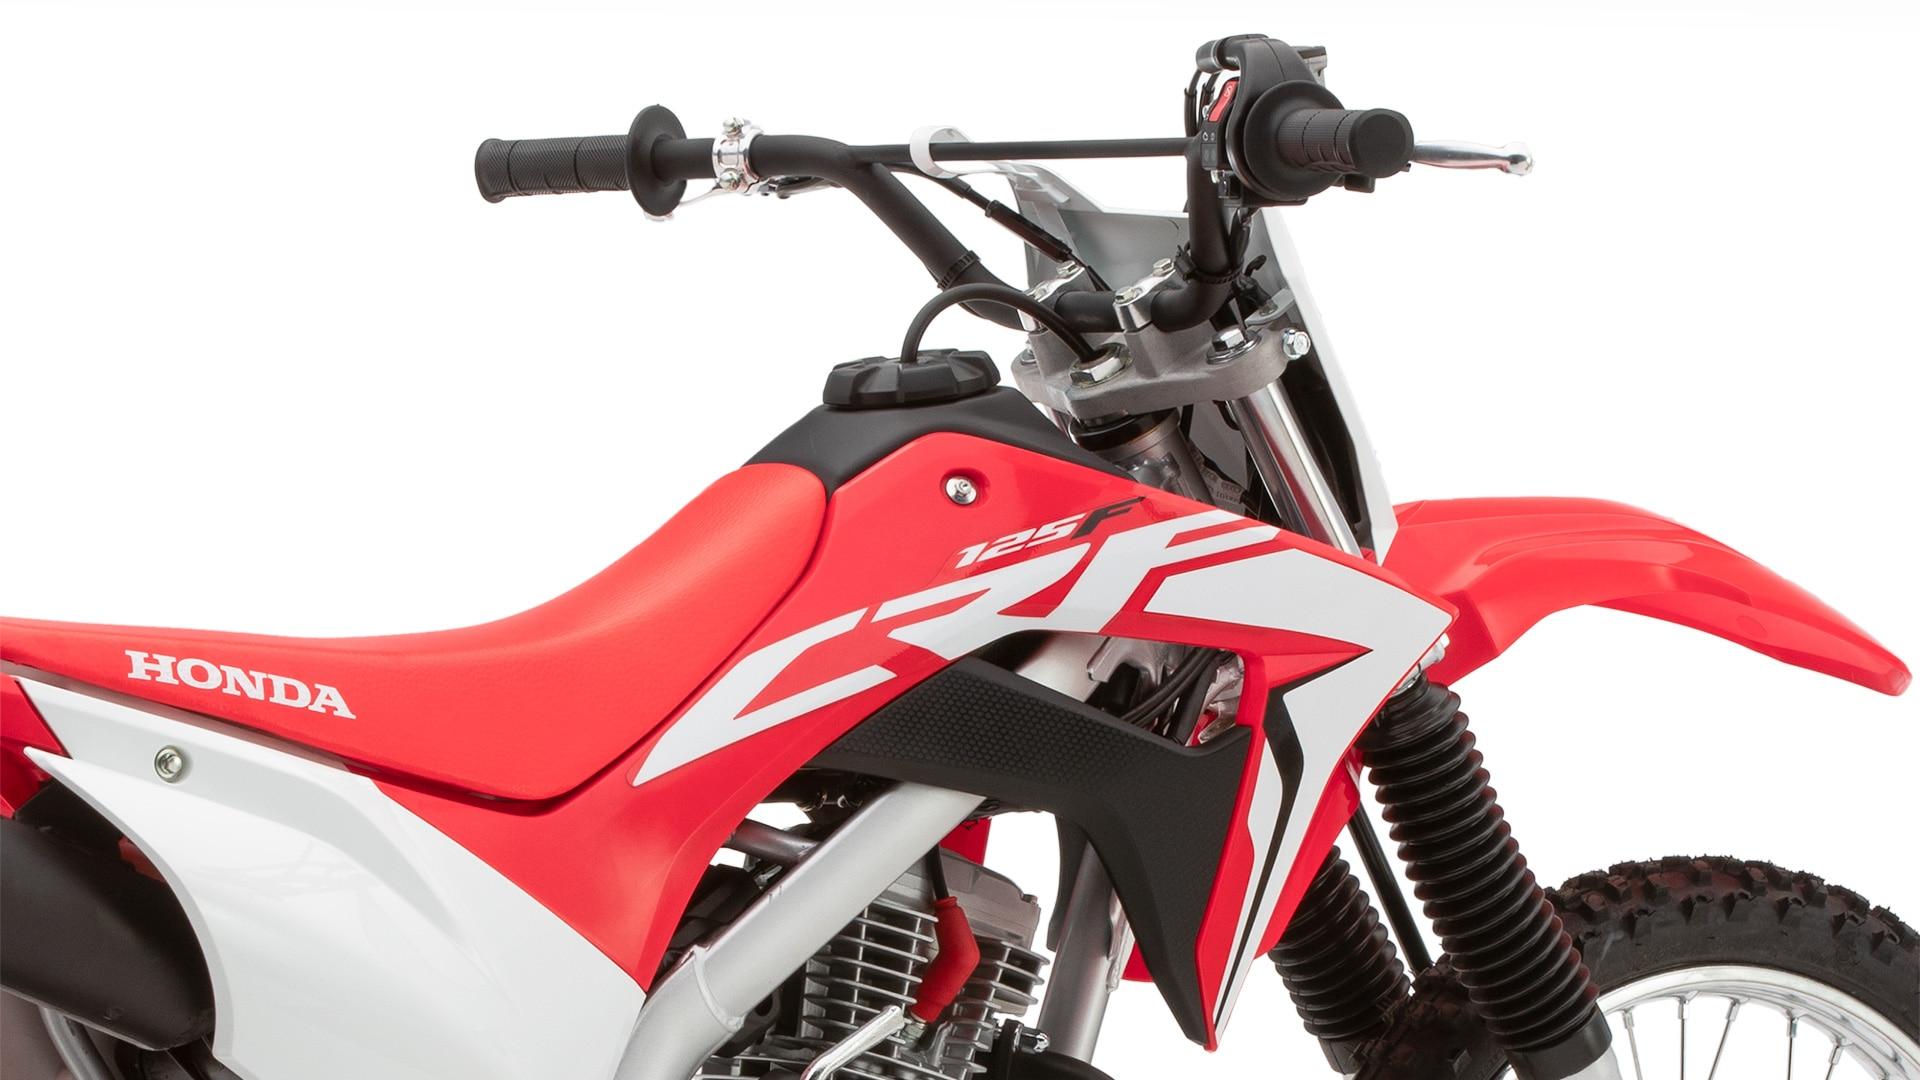 Crf125fb How Big Is A Honda Crf 125cc Dirt Bike New Durable Fuel Tank